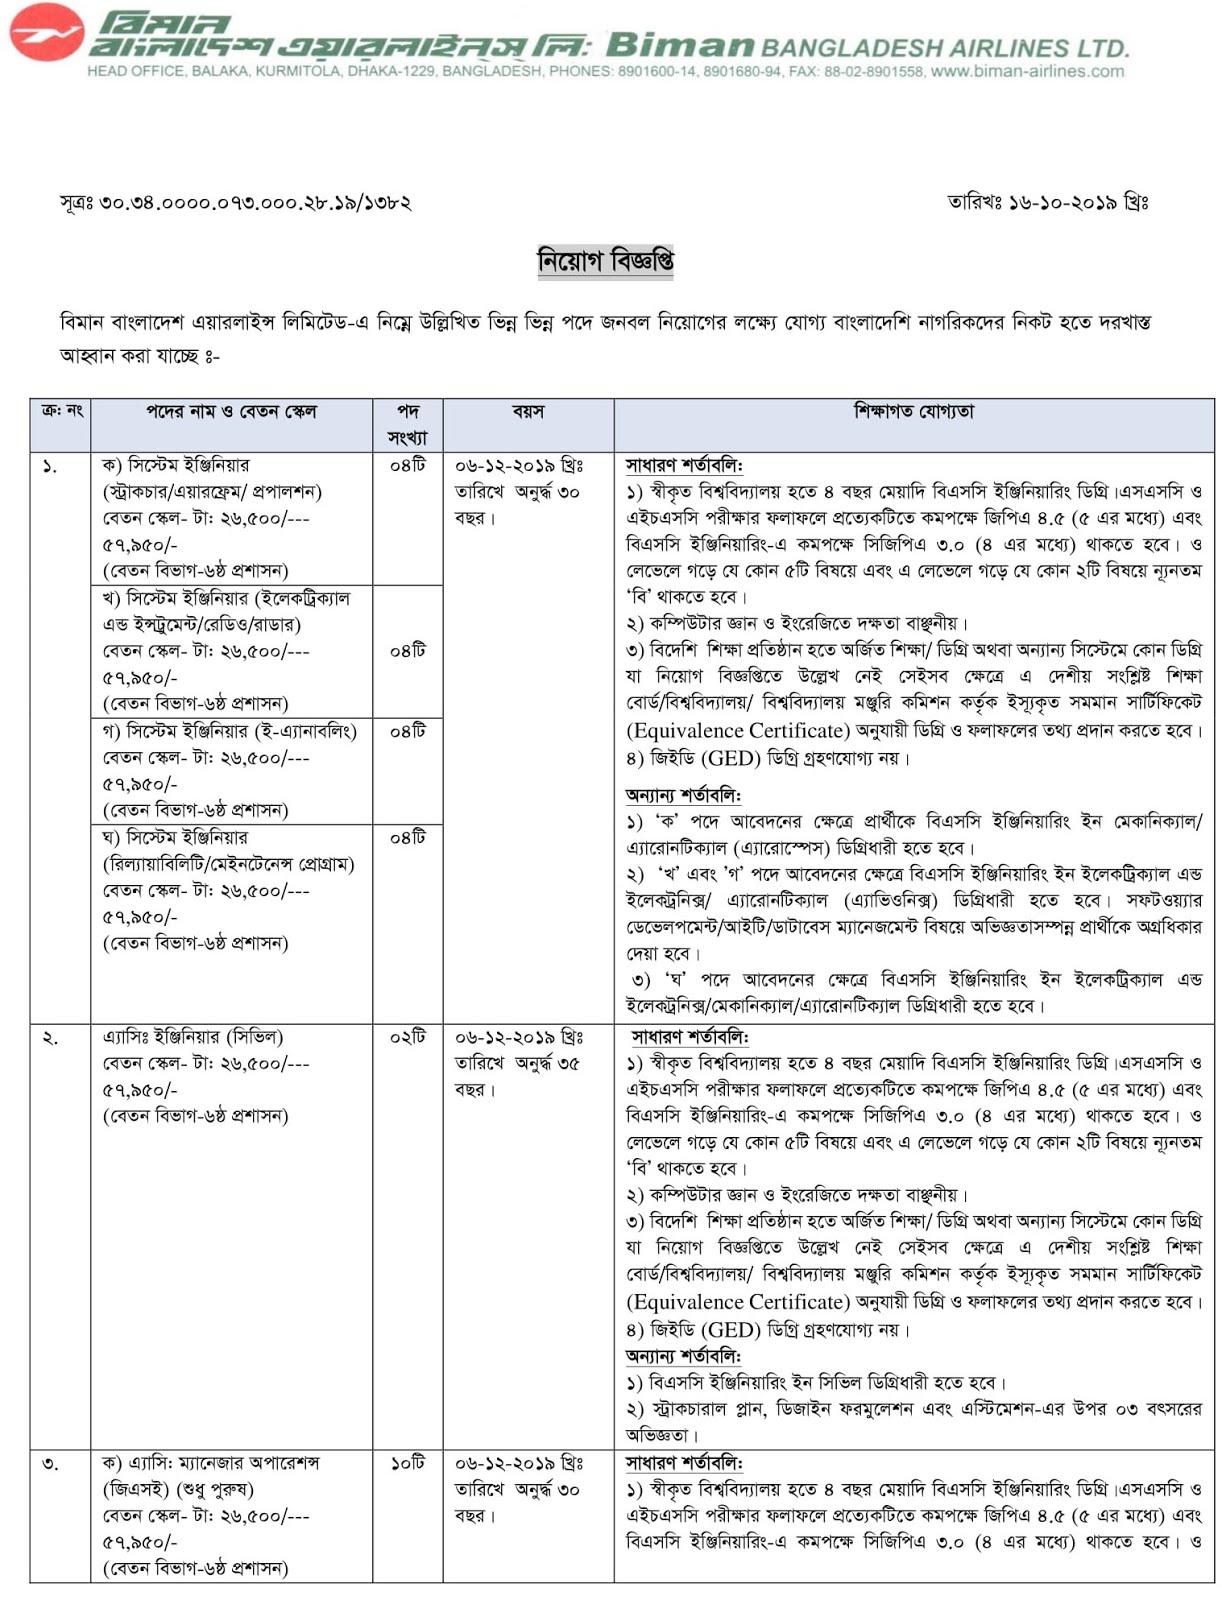 BBAL Job Circular Apply 2019